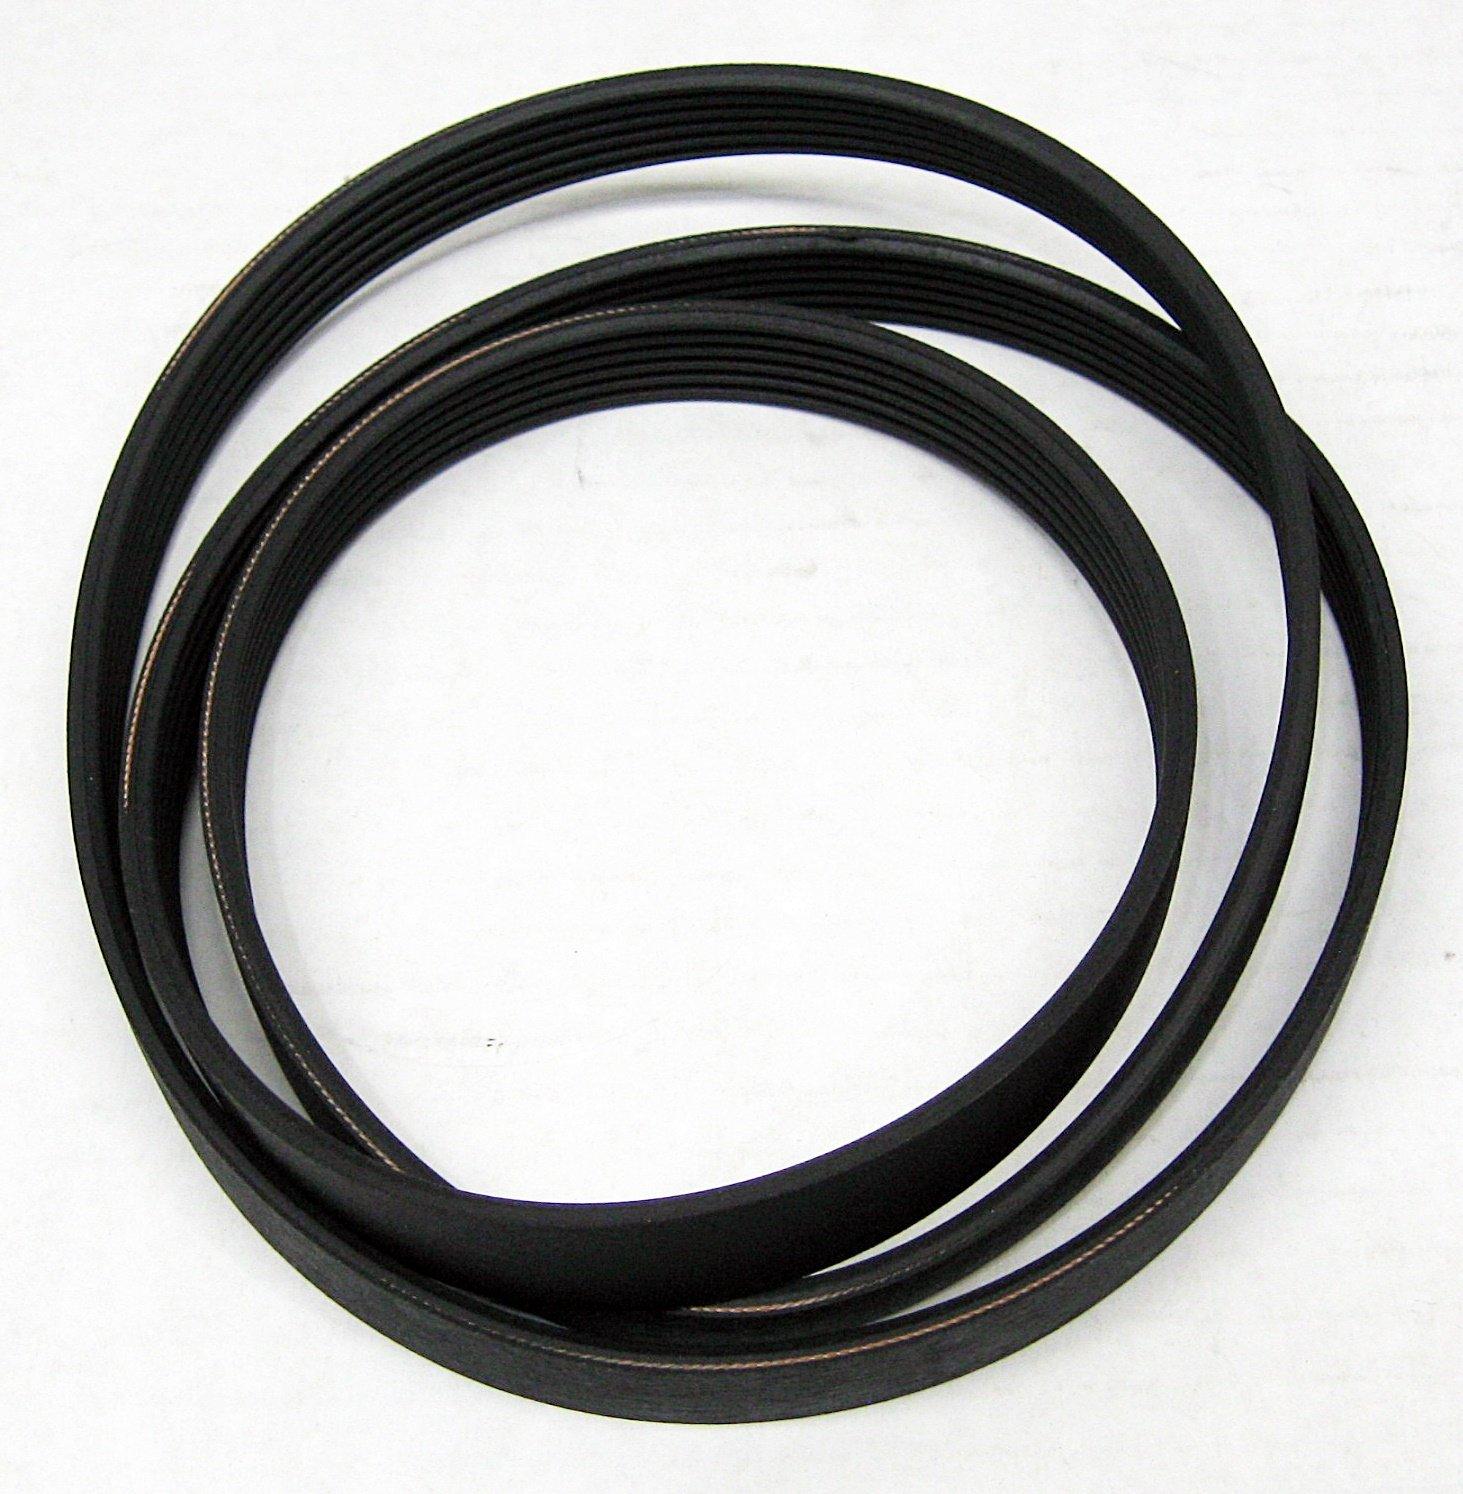 洗濯機ベルトfor Whirlpool、シアーズ、8540348、8540101   B009L2Z2S8